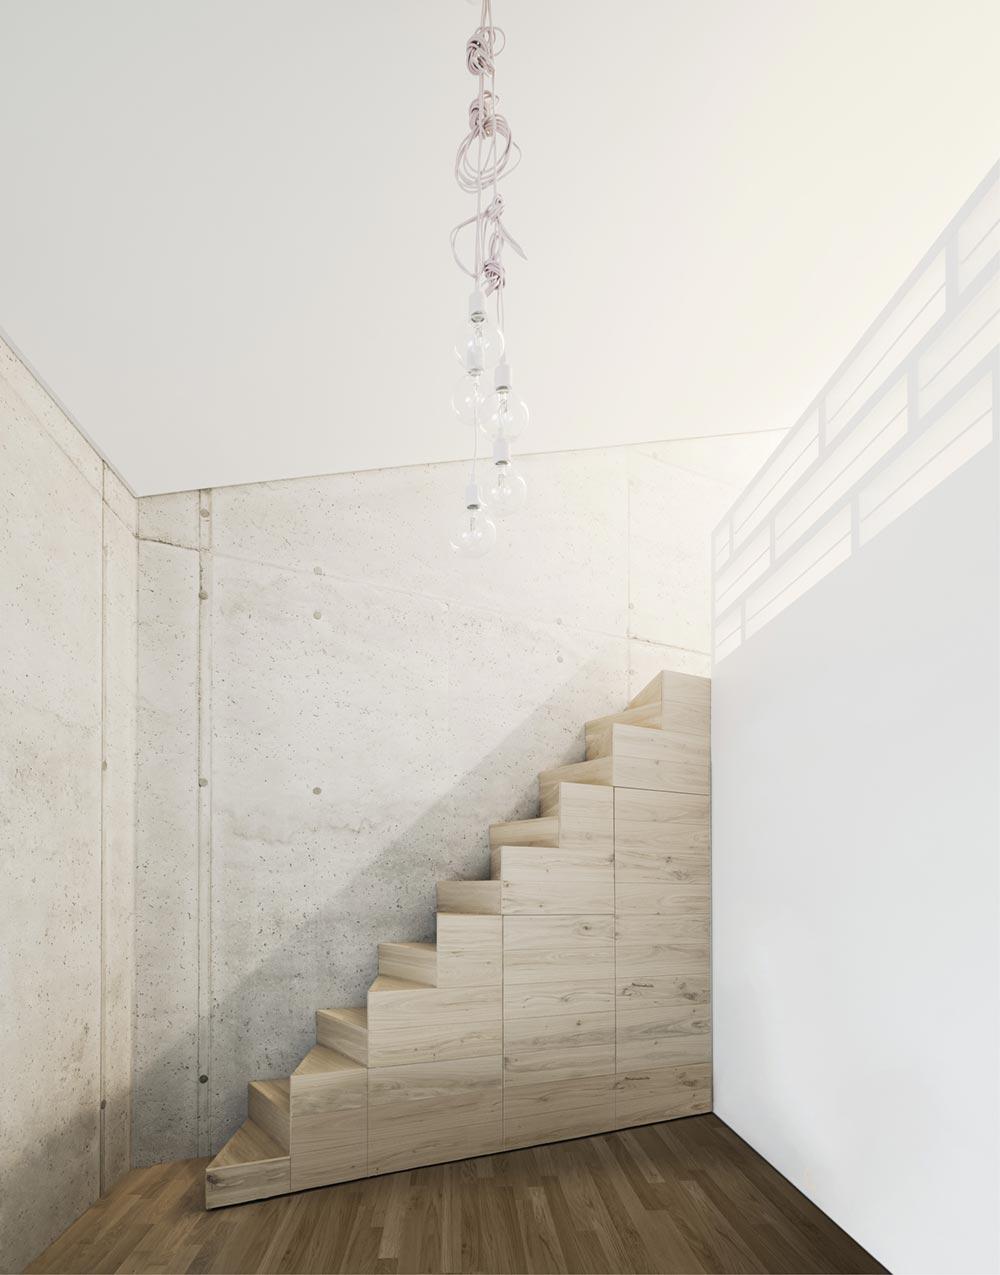 Concrete house staircase design